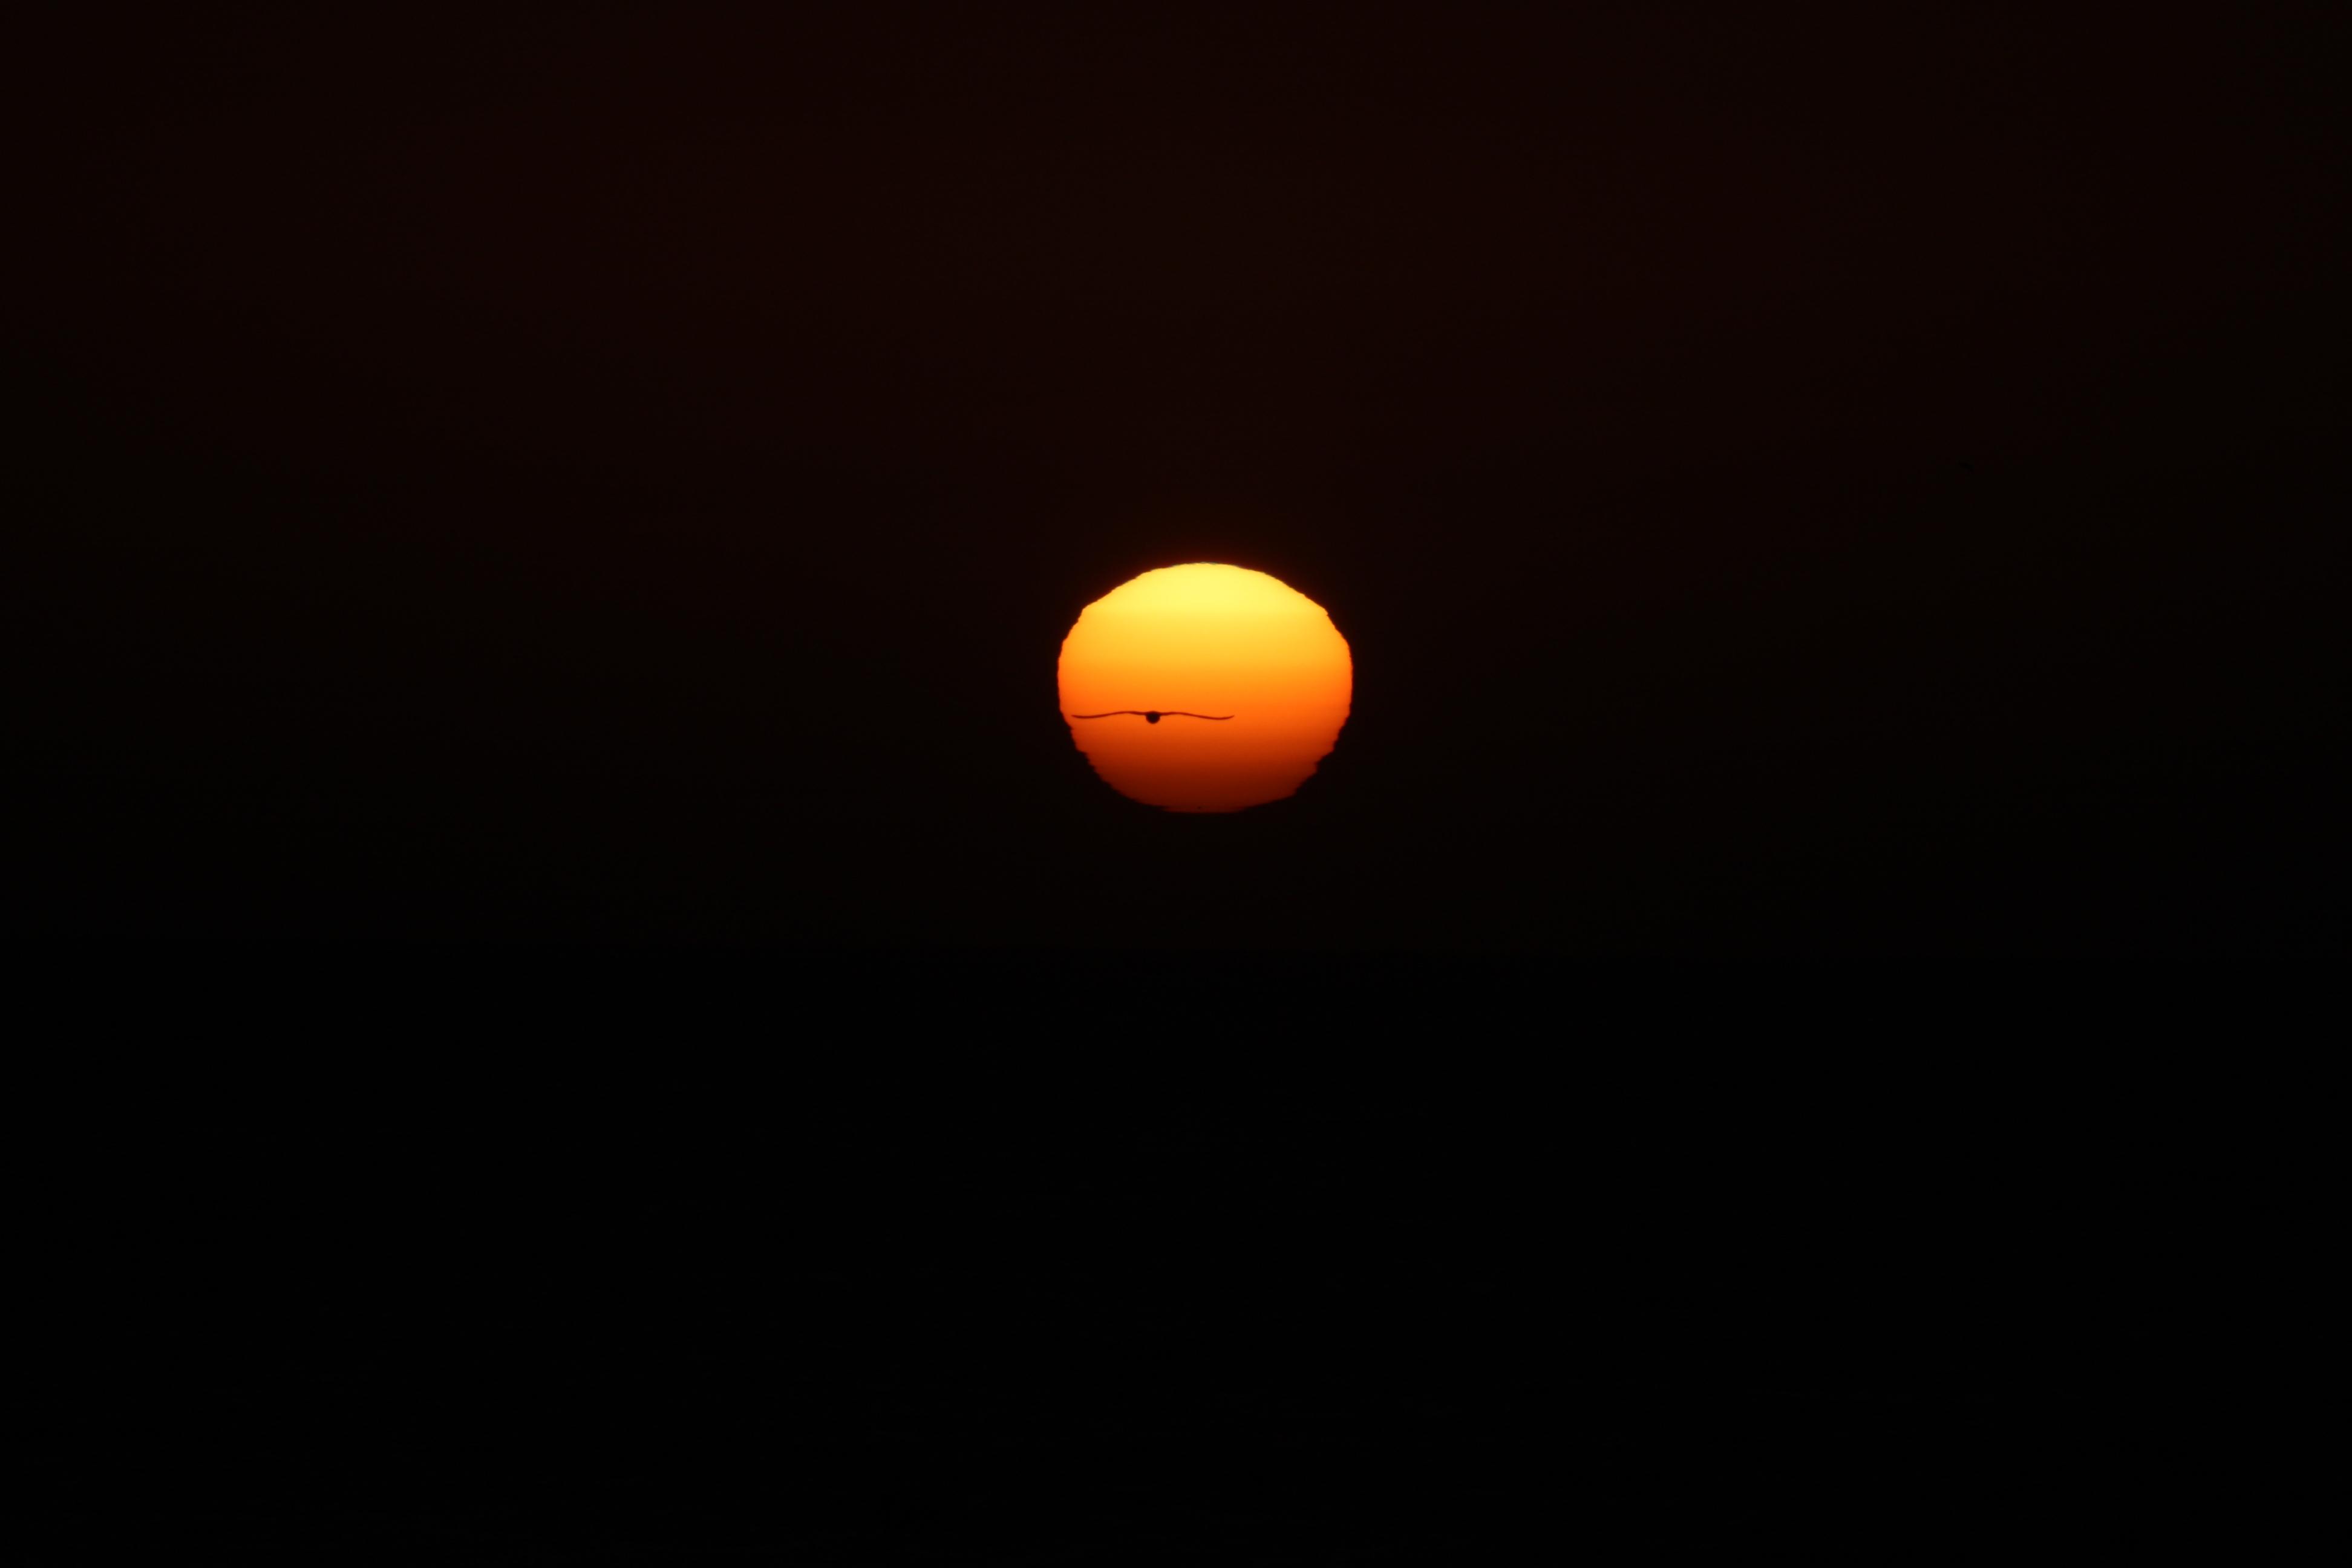 [Coucher de Soleil depuis La Serena, Chili, le 9 février 2009]